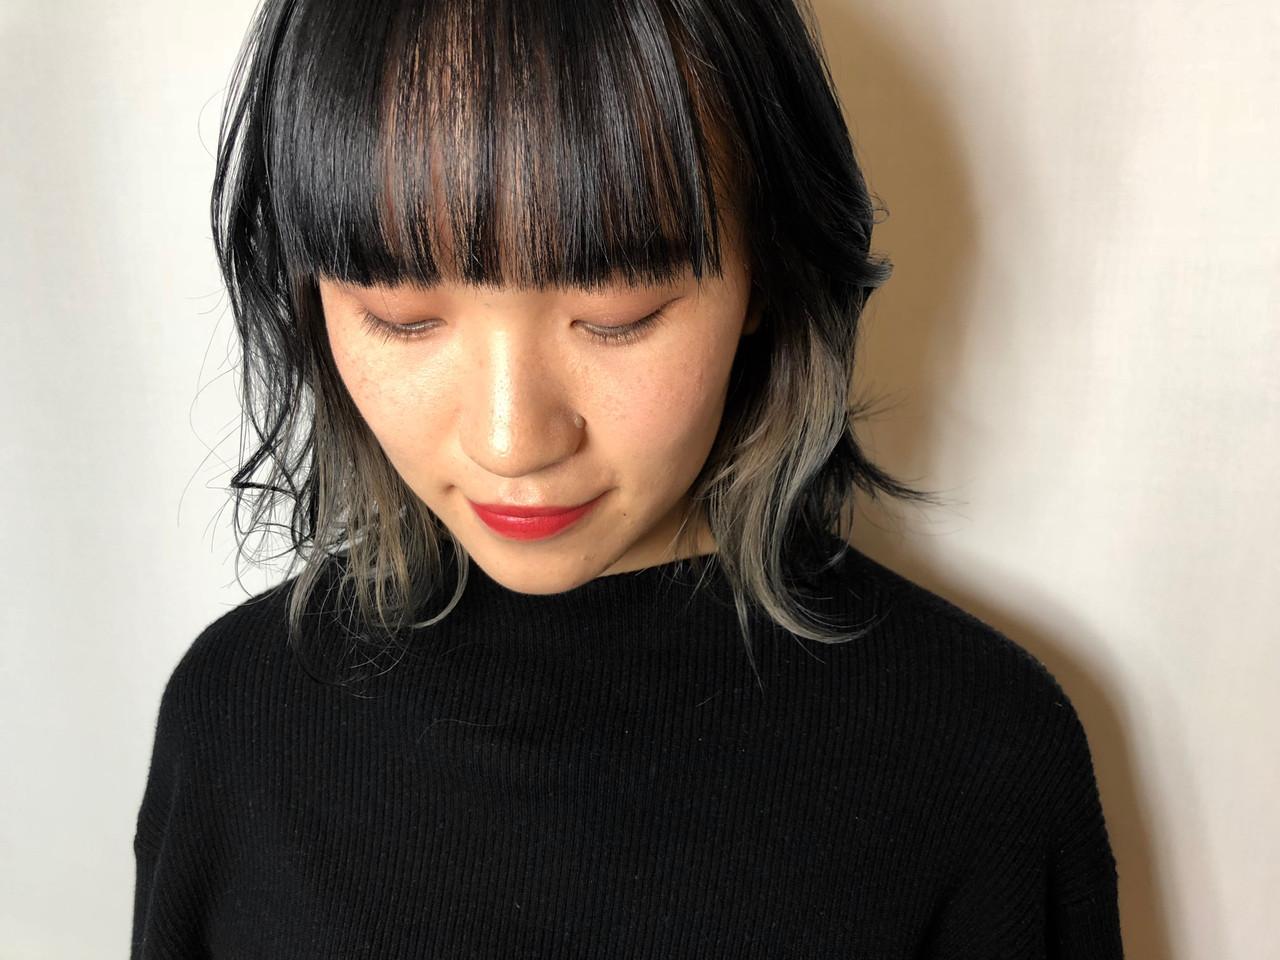 モード インナーカラーホワイト ホワイトグレージュ ボブ ヘアスタイルや髪型の写真・画像